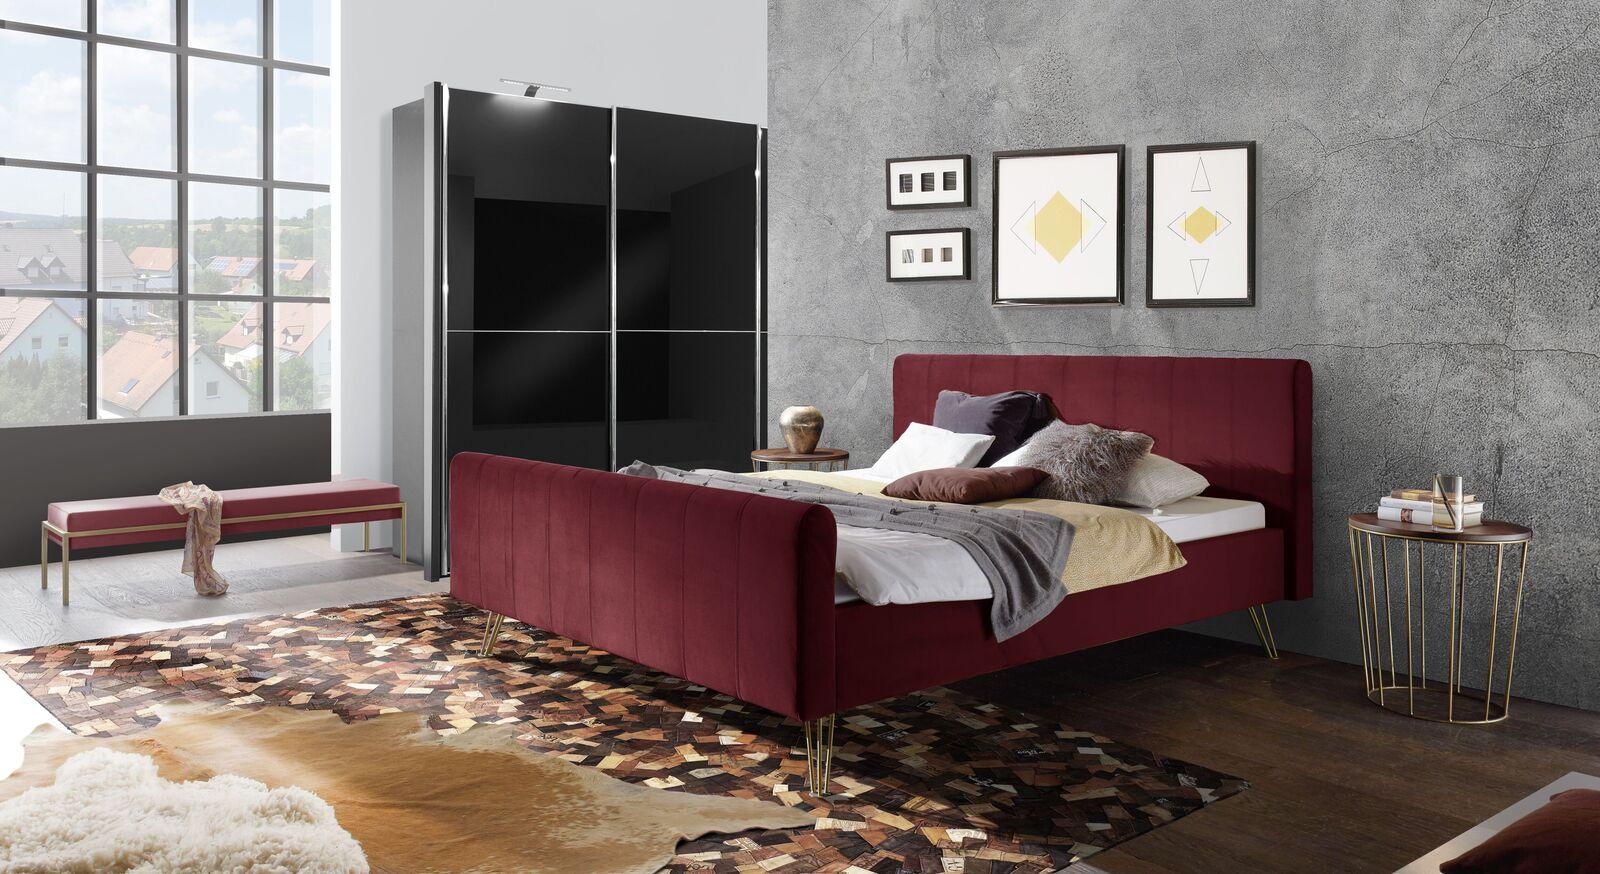 Bett Celica mit passender Schlafzimmer-Ausstattung